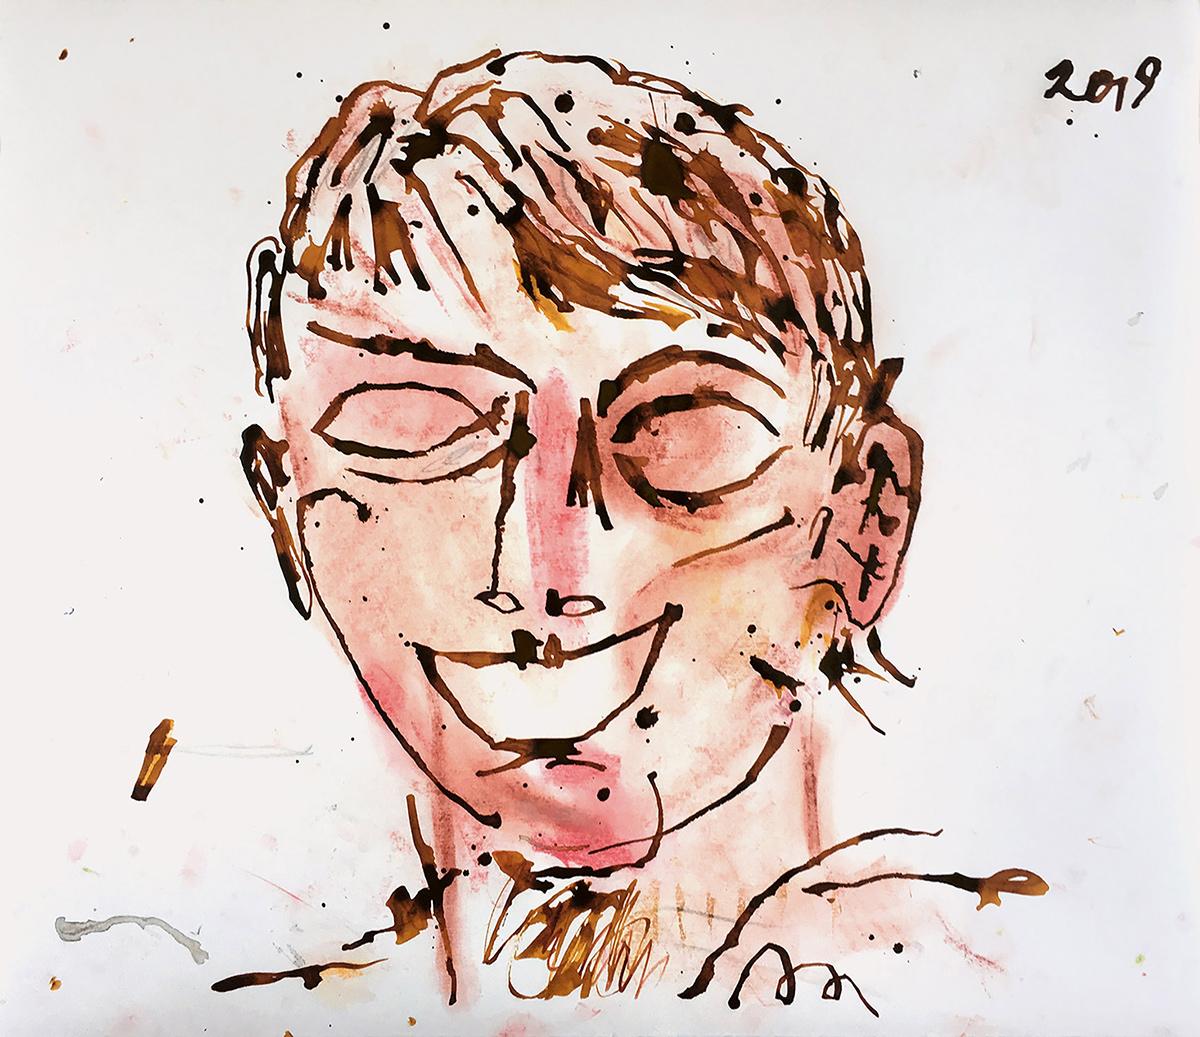 josef zekoff, available works, raum mit licht